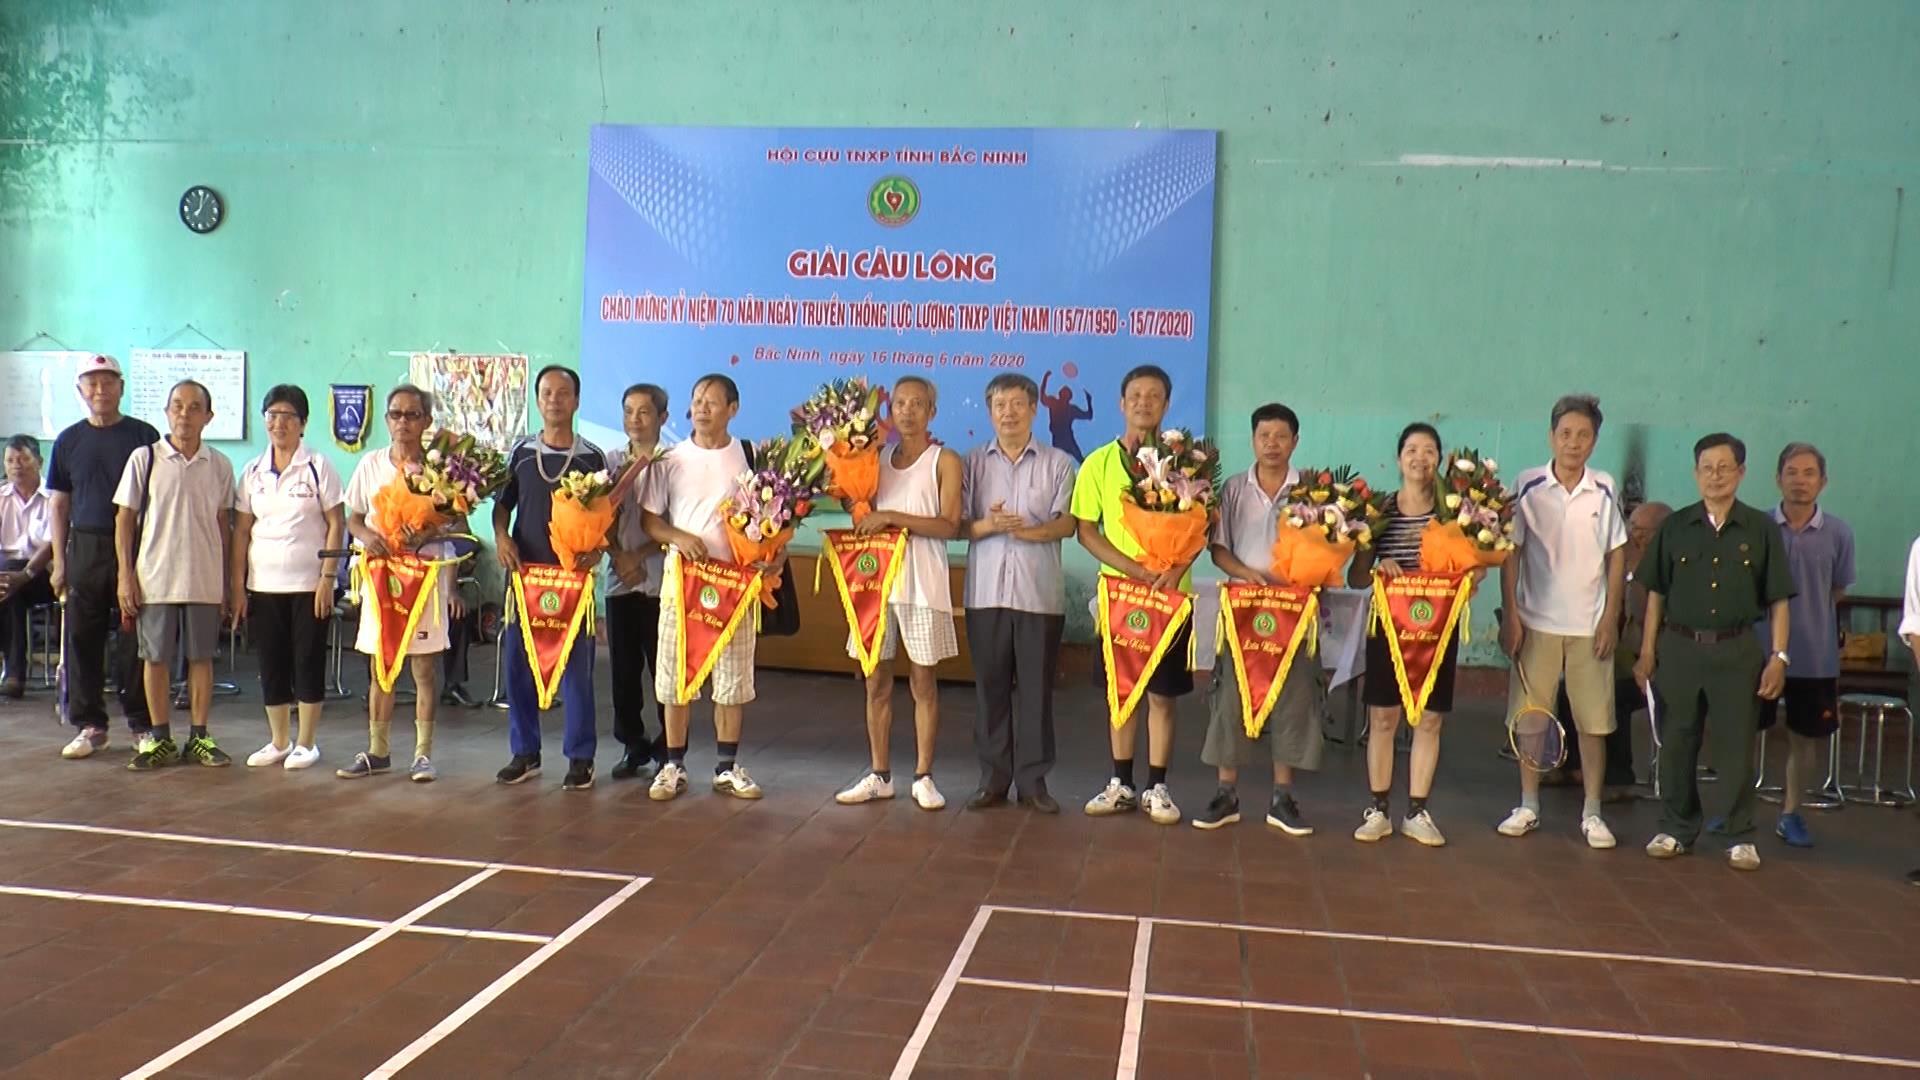 Giải Cầu lông Hội Cựu thanh niên xung phong tỉnh